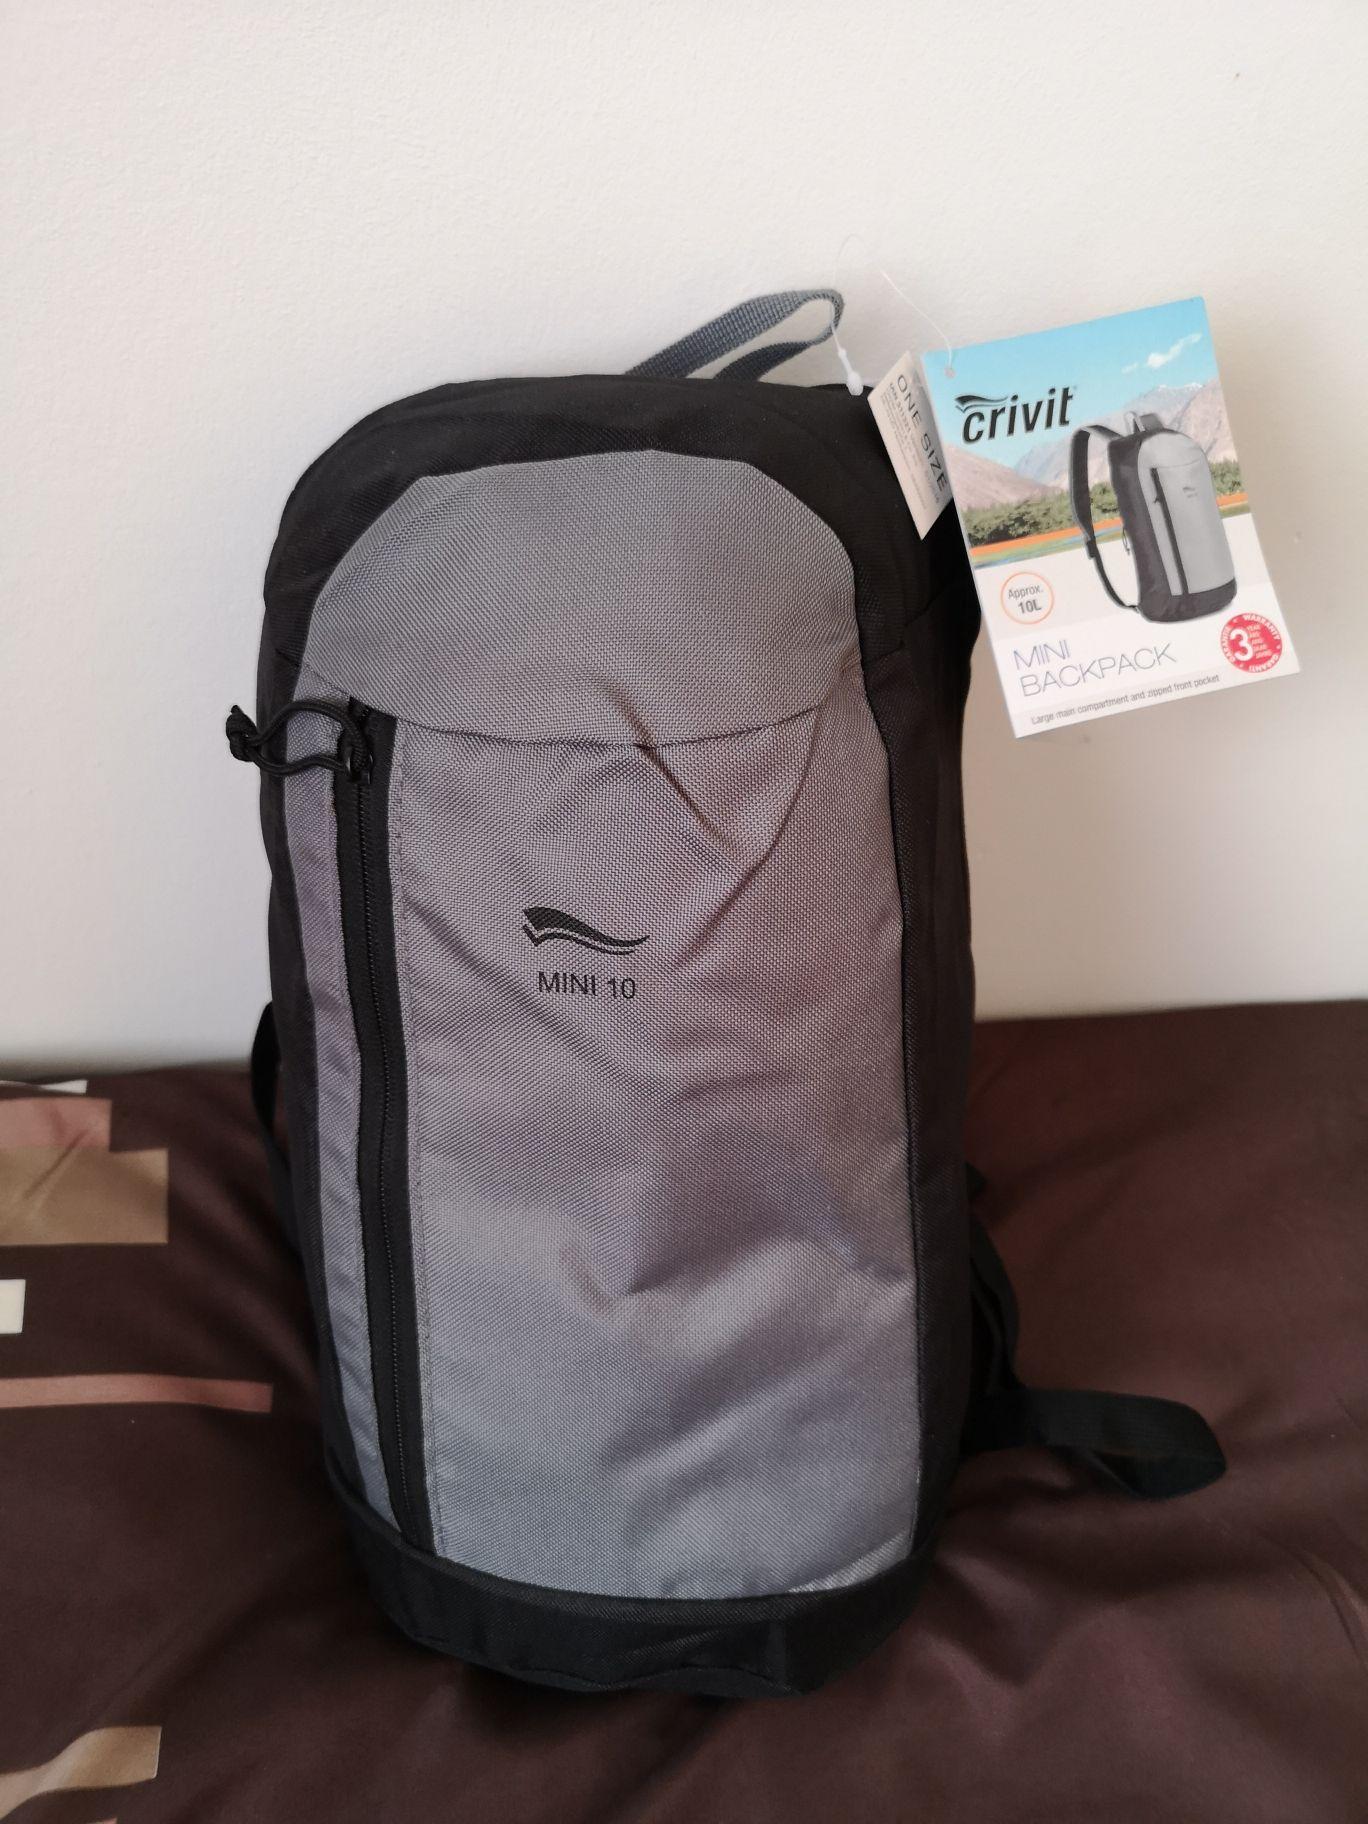 10L rucksack - instore @ LIDL (Derry)